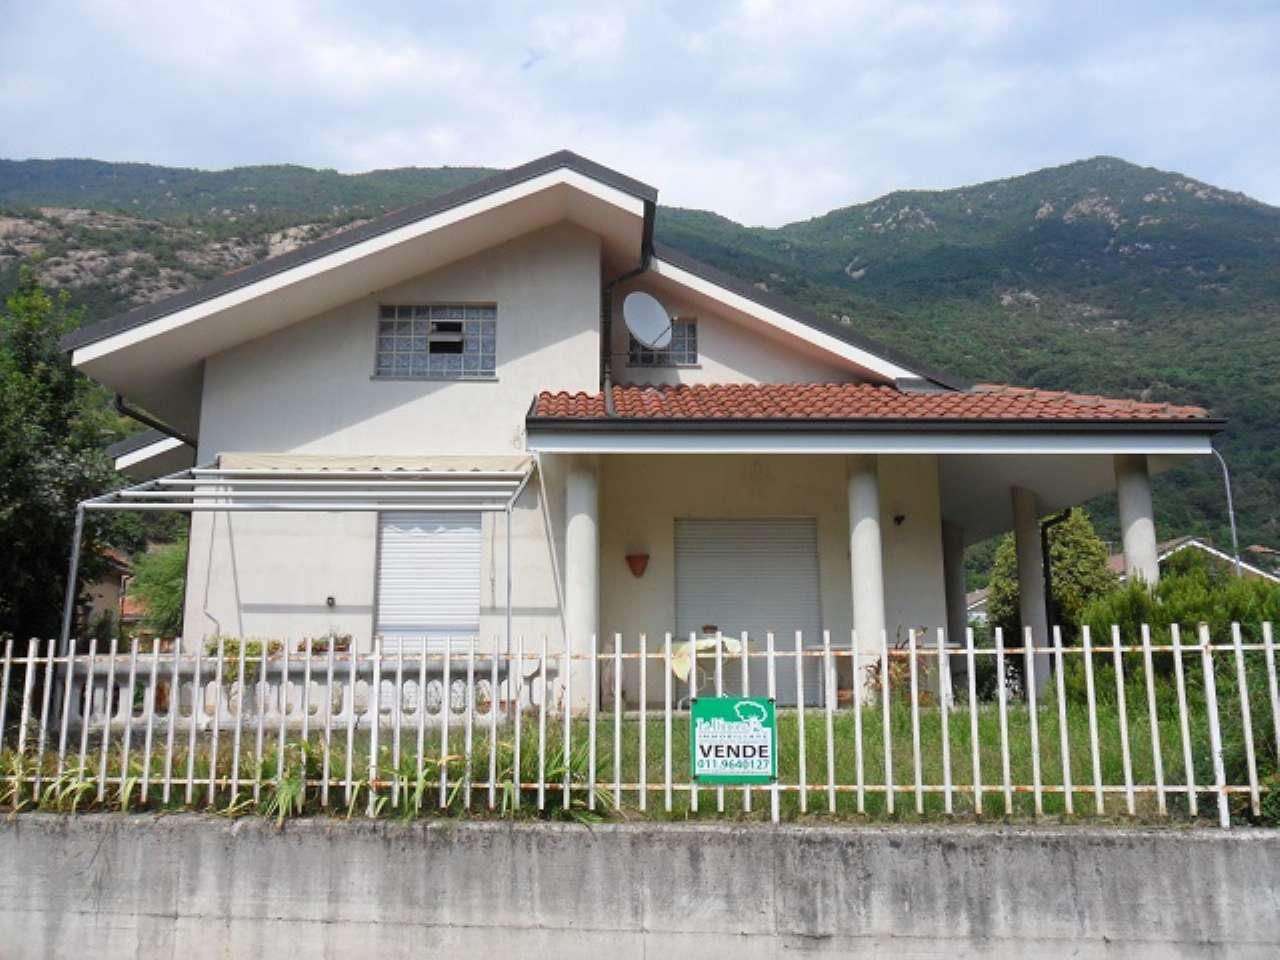 Villa in vendita a Borgone Susa, 5 locali, prezzo € 245.000 | CambioCasa.it